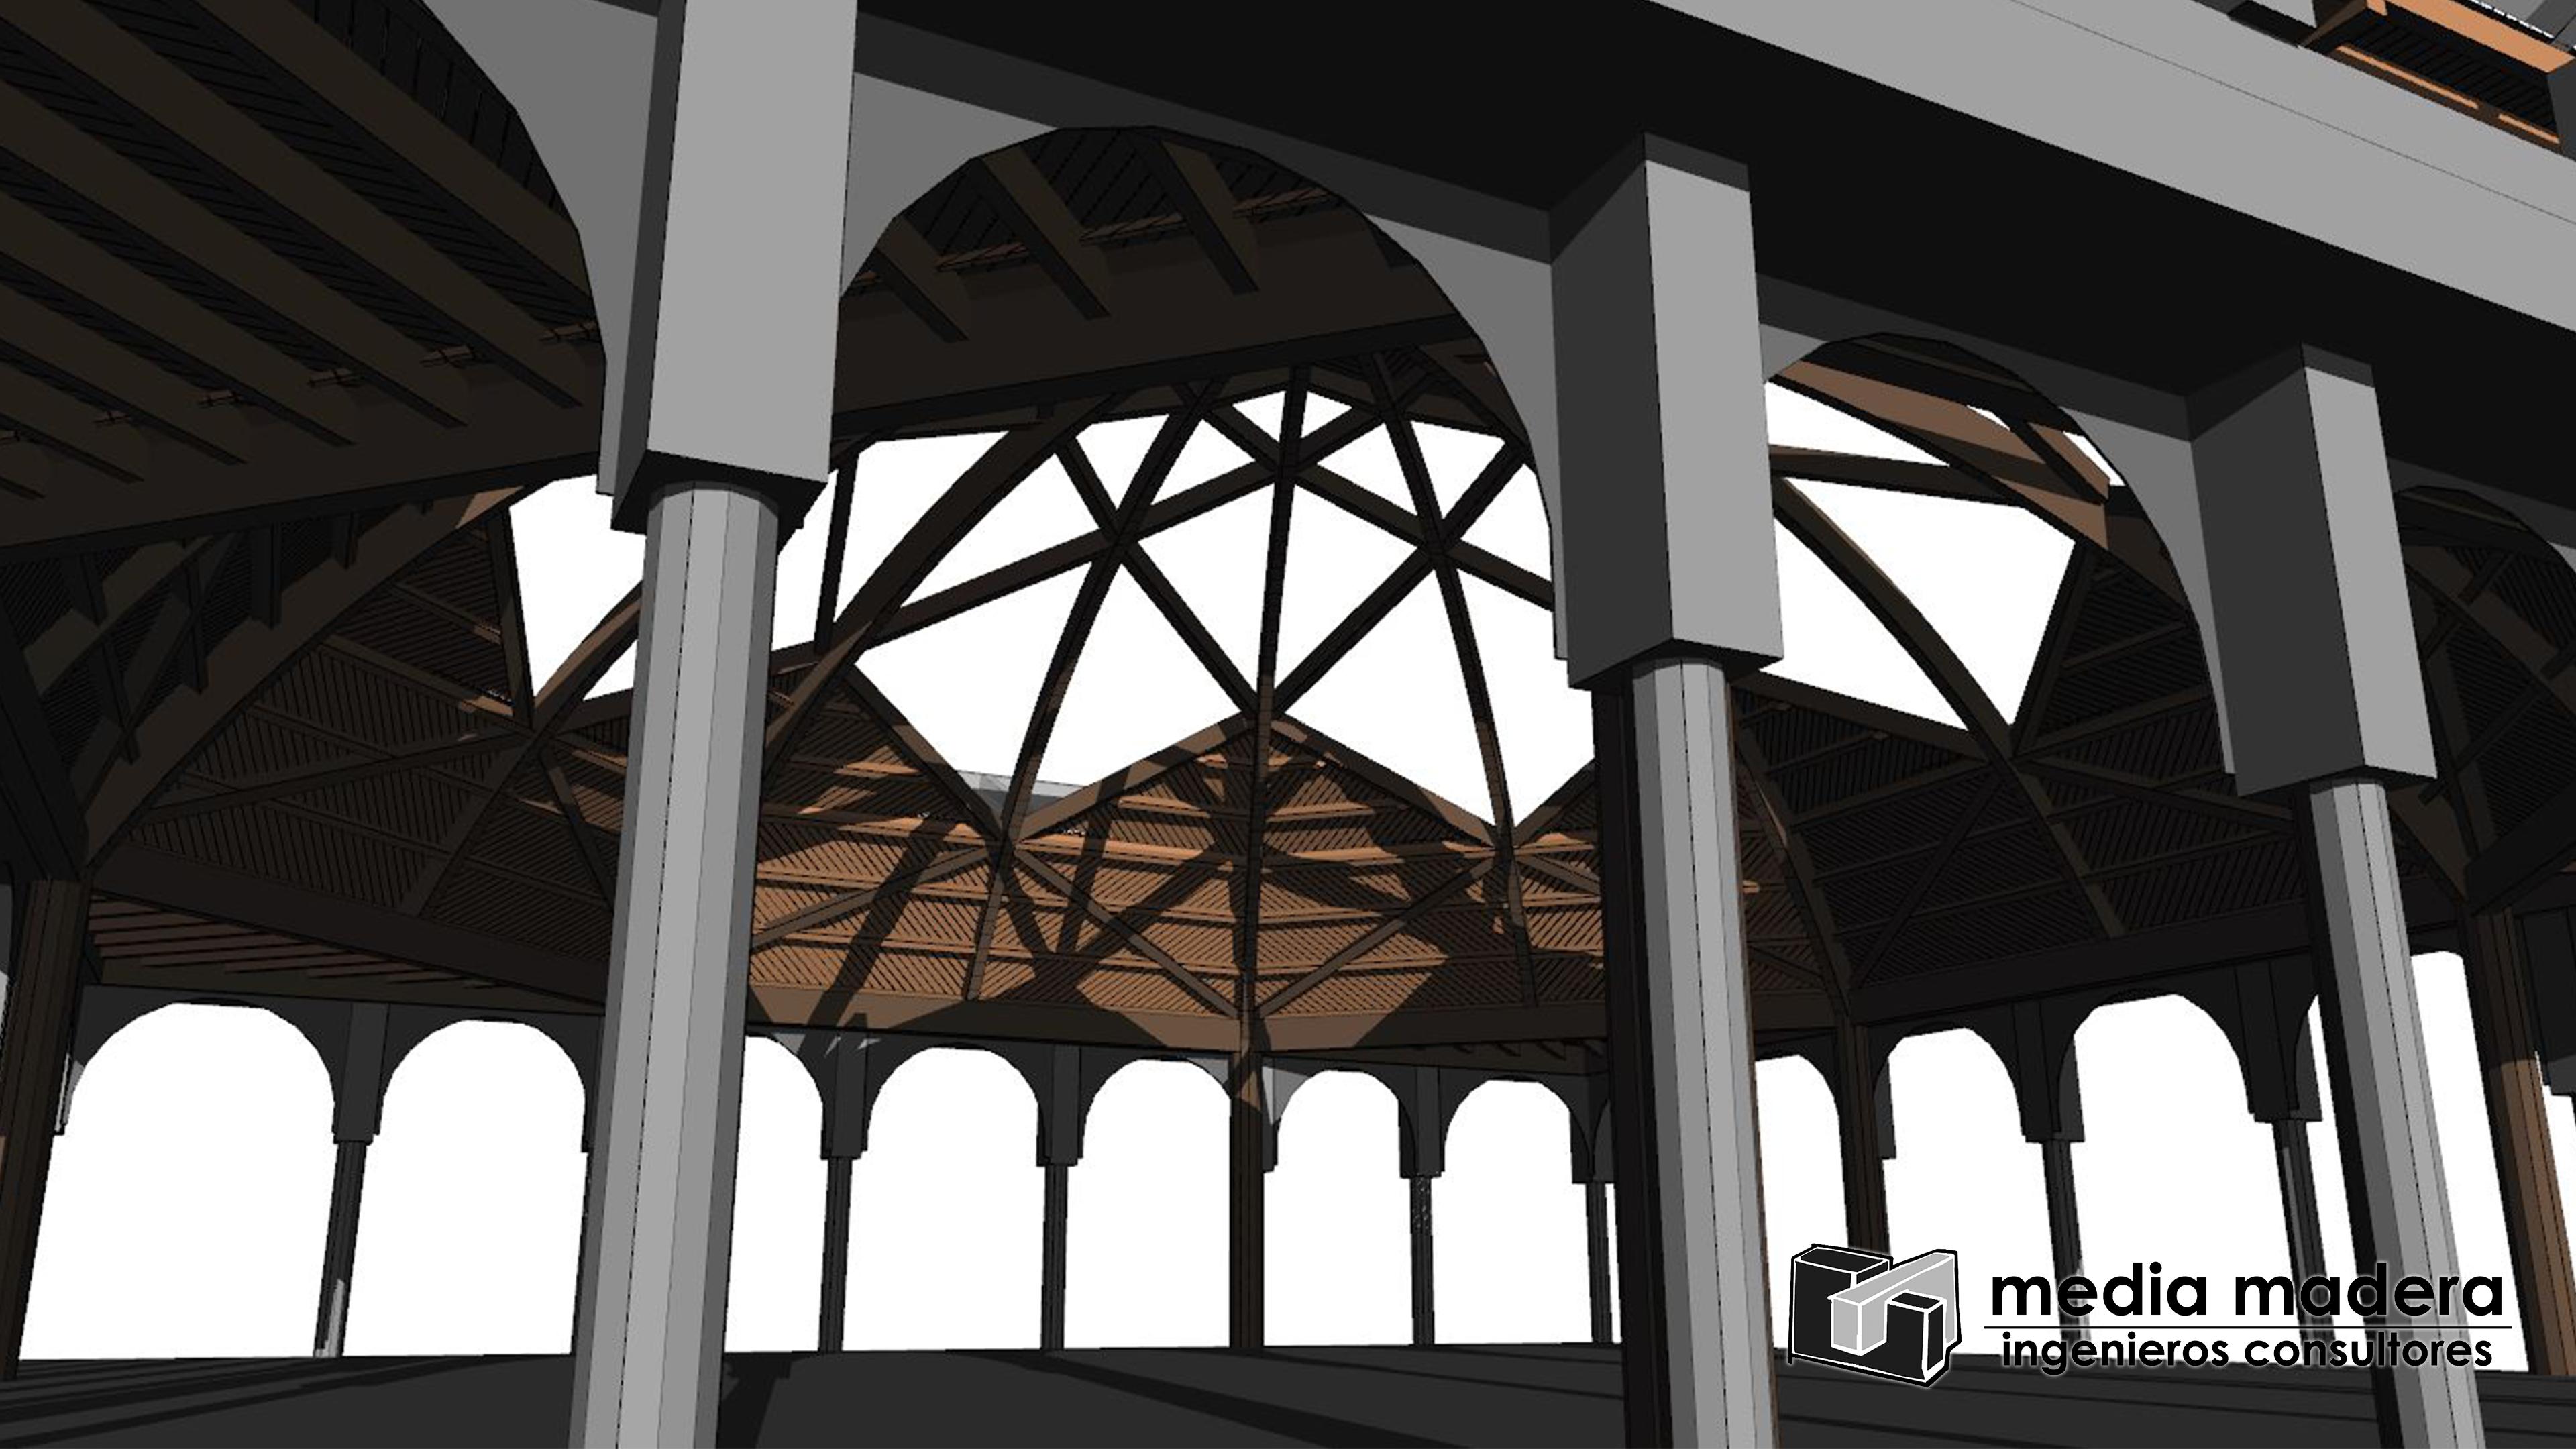 Mezquita M-30 - 08